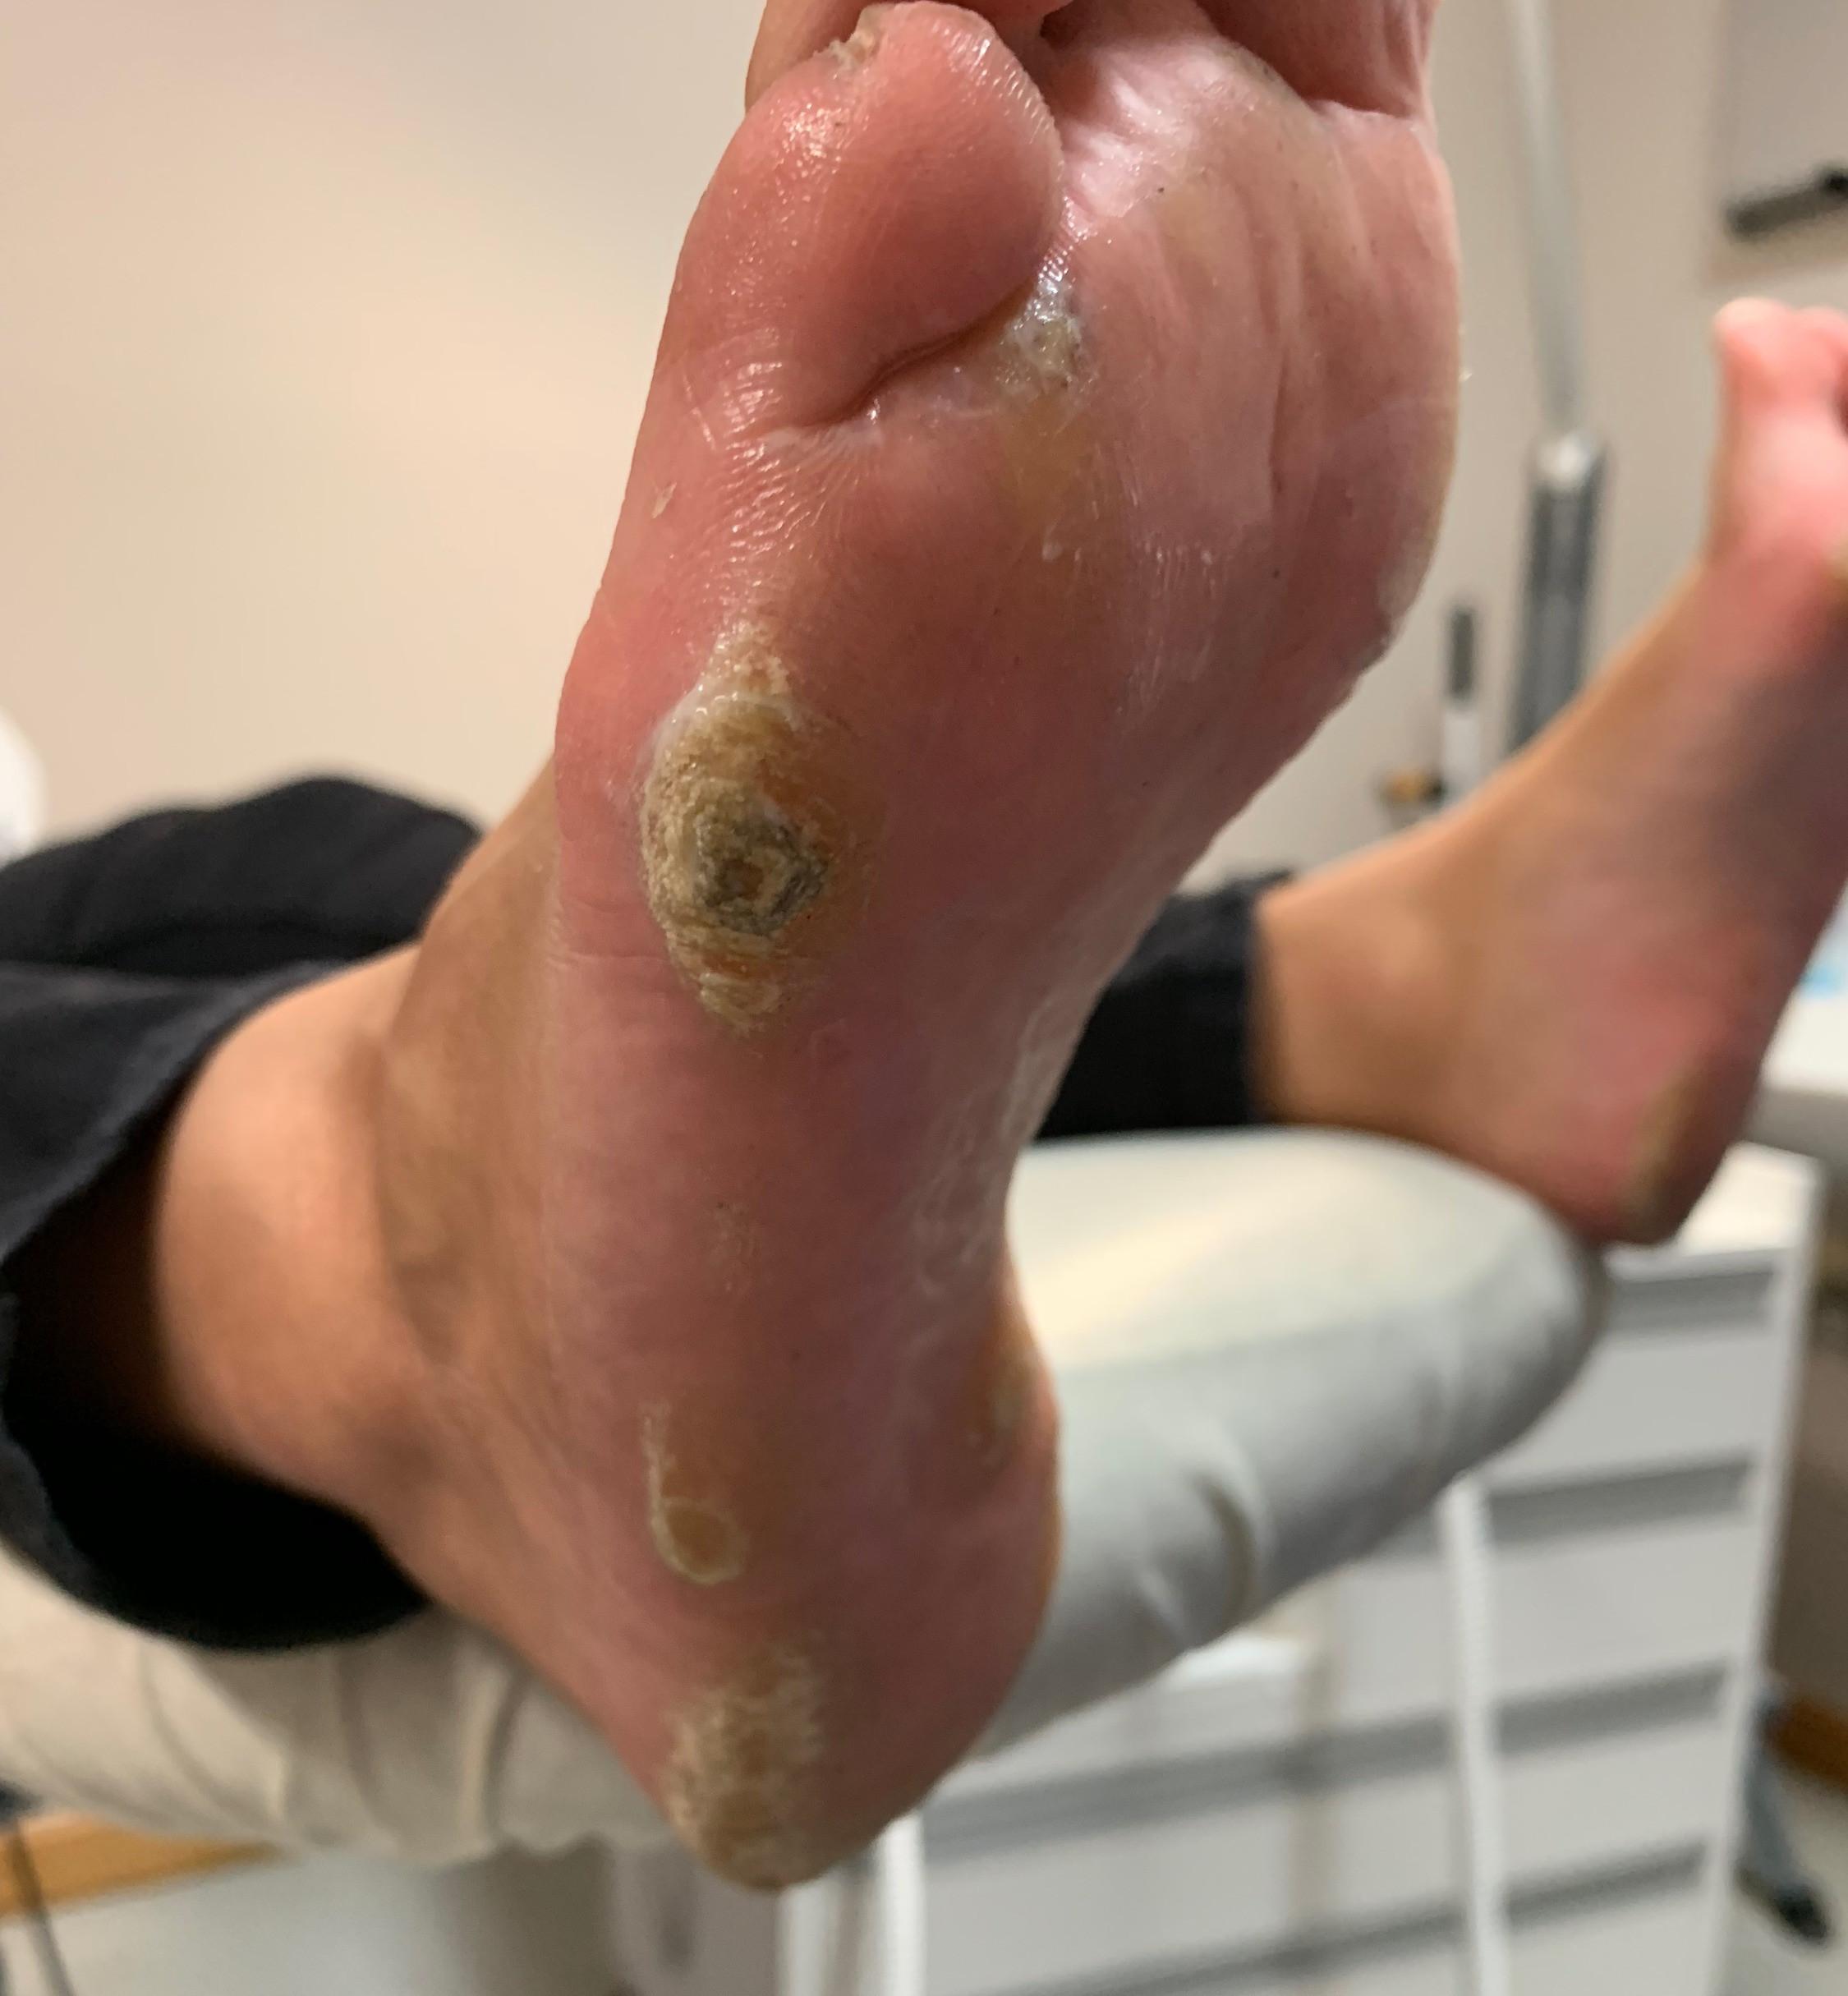 Skin callus